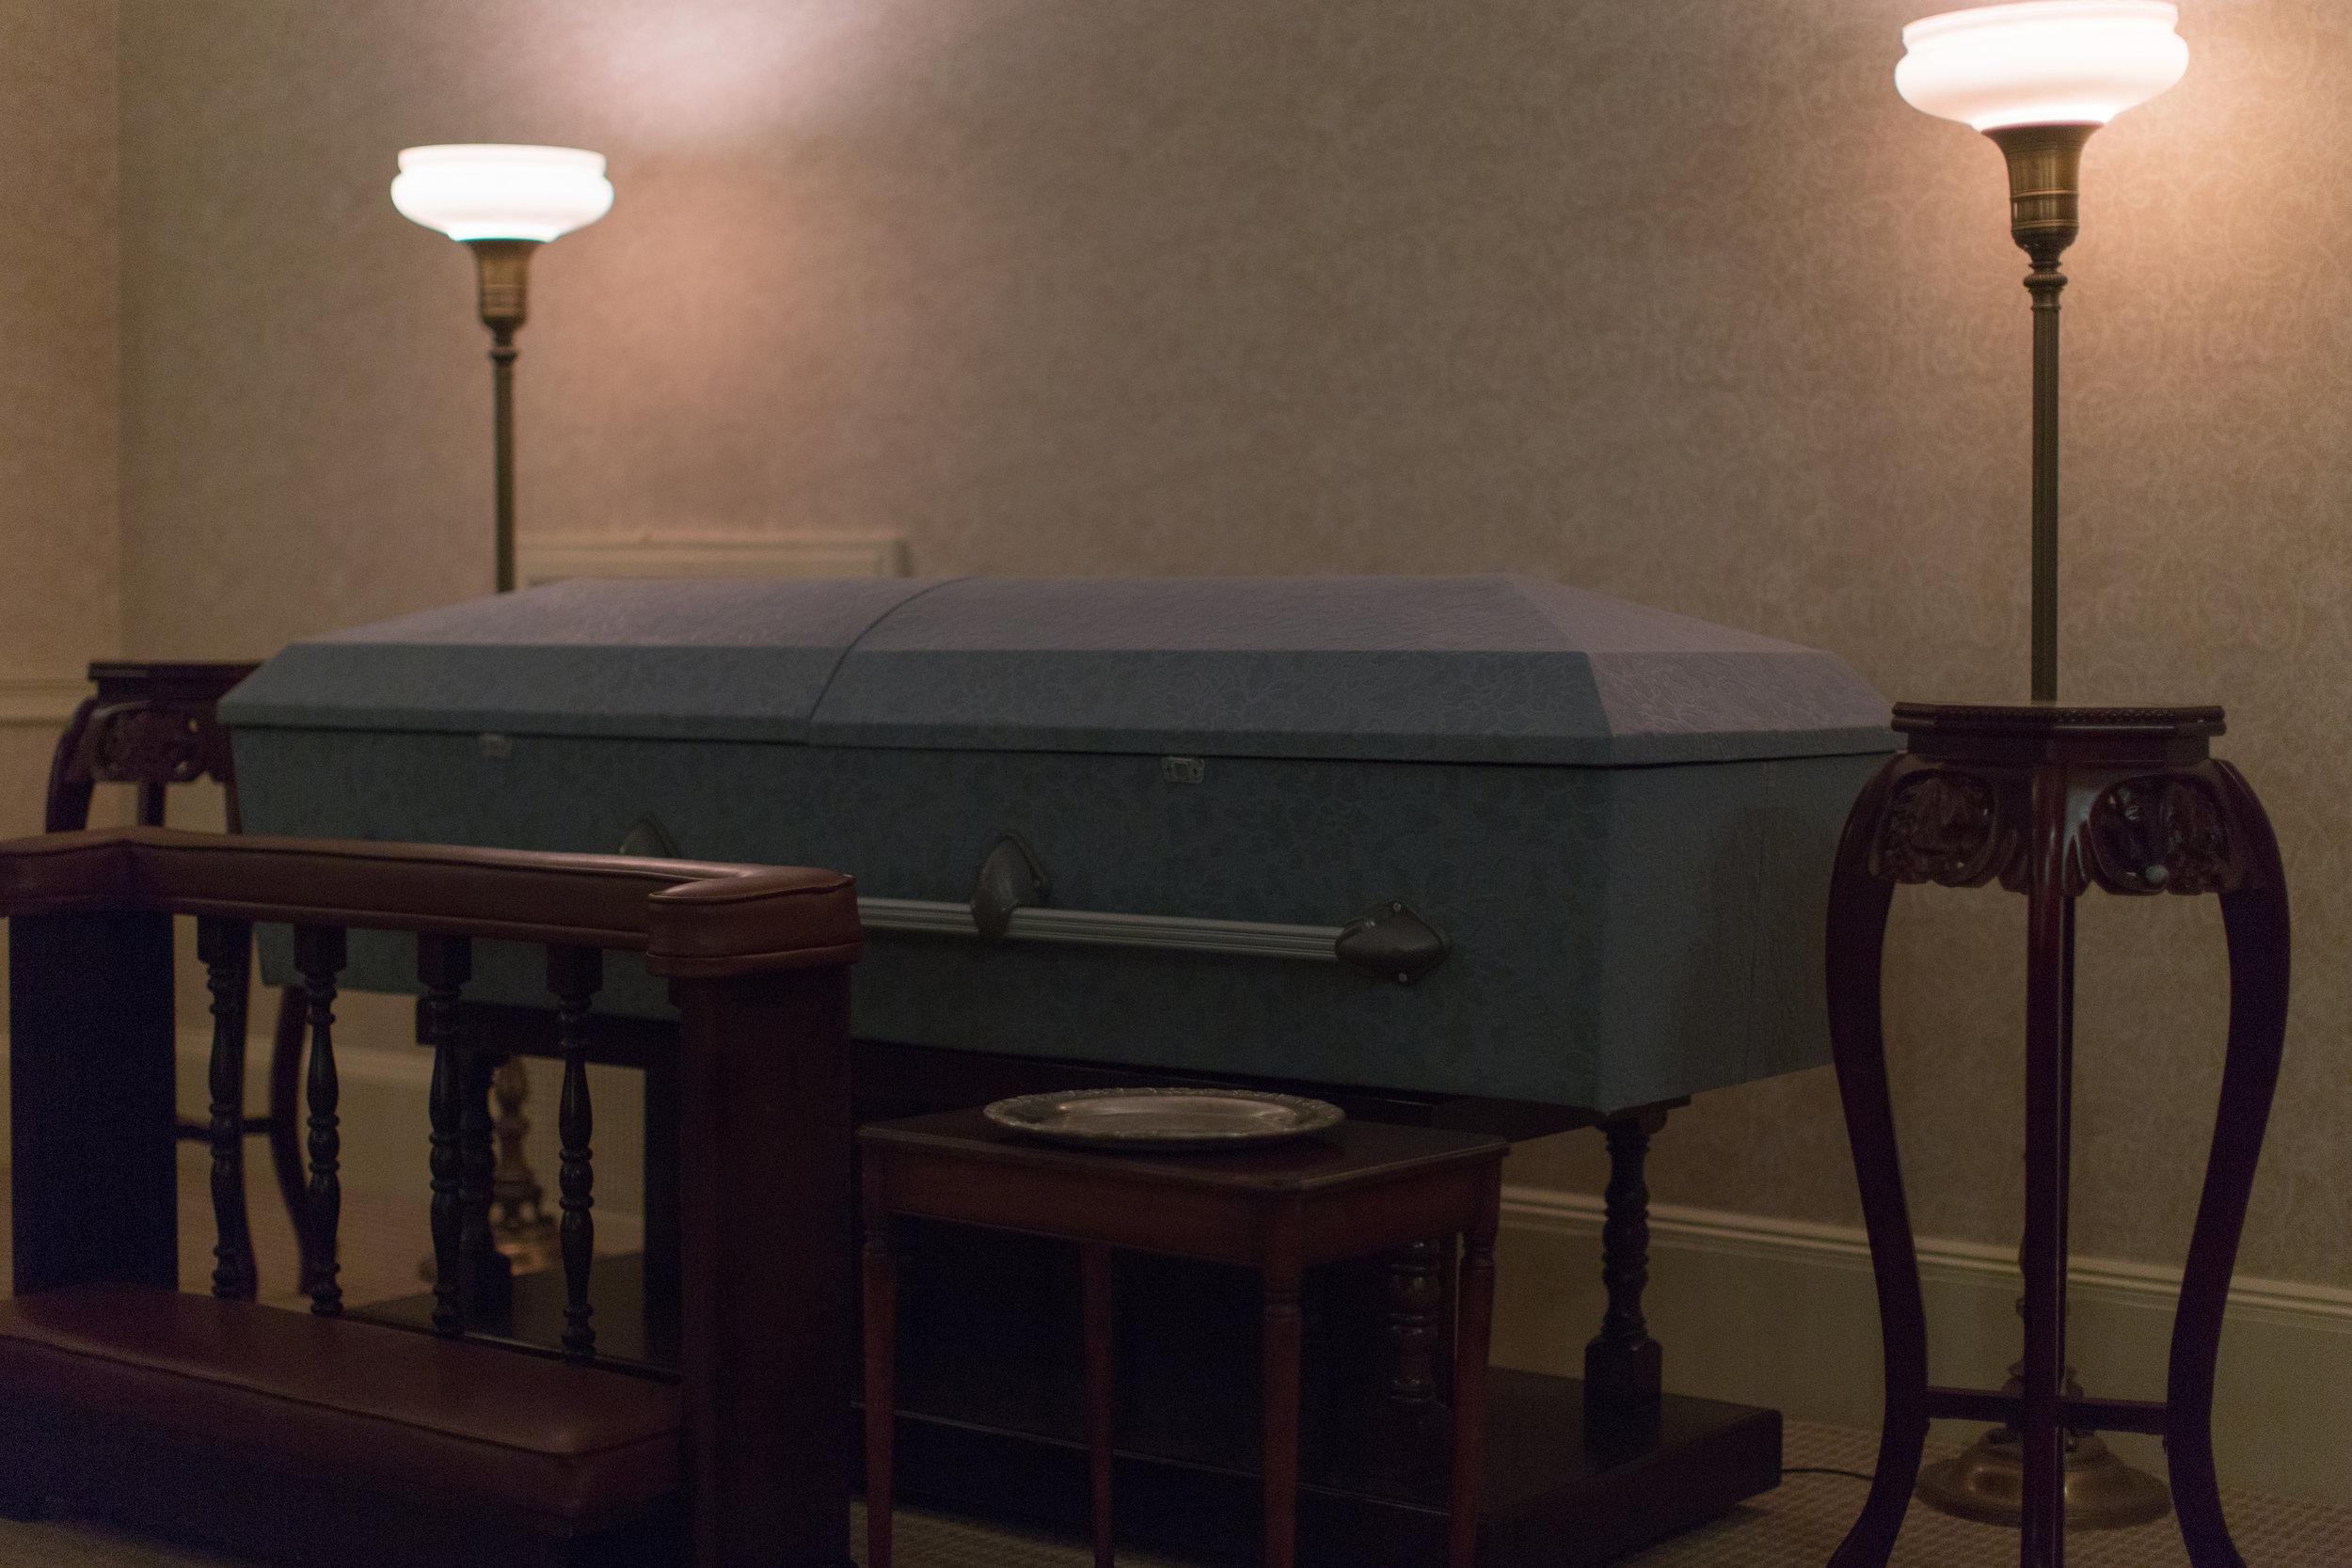 morgue-reshoot-5.jpg